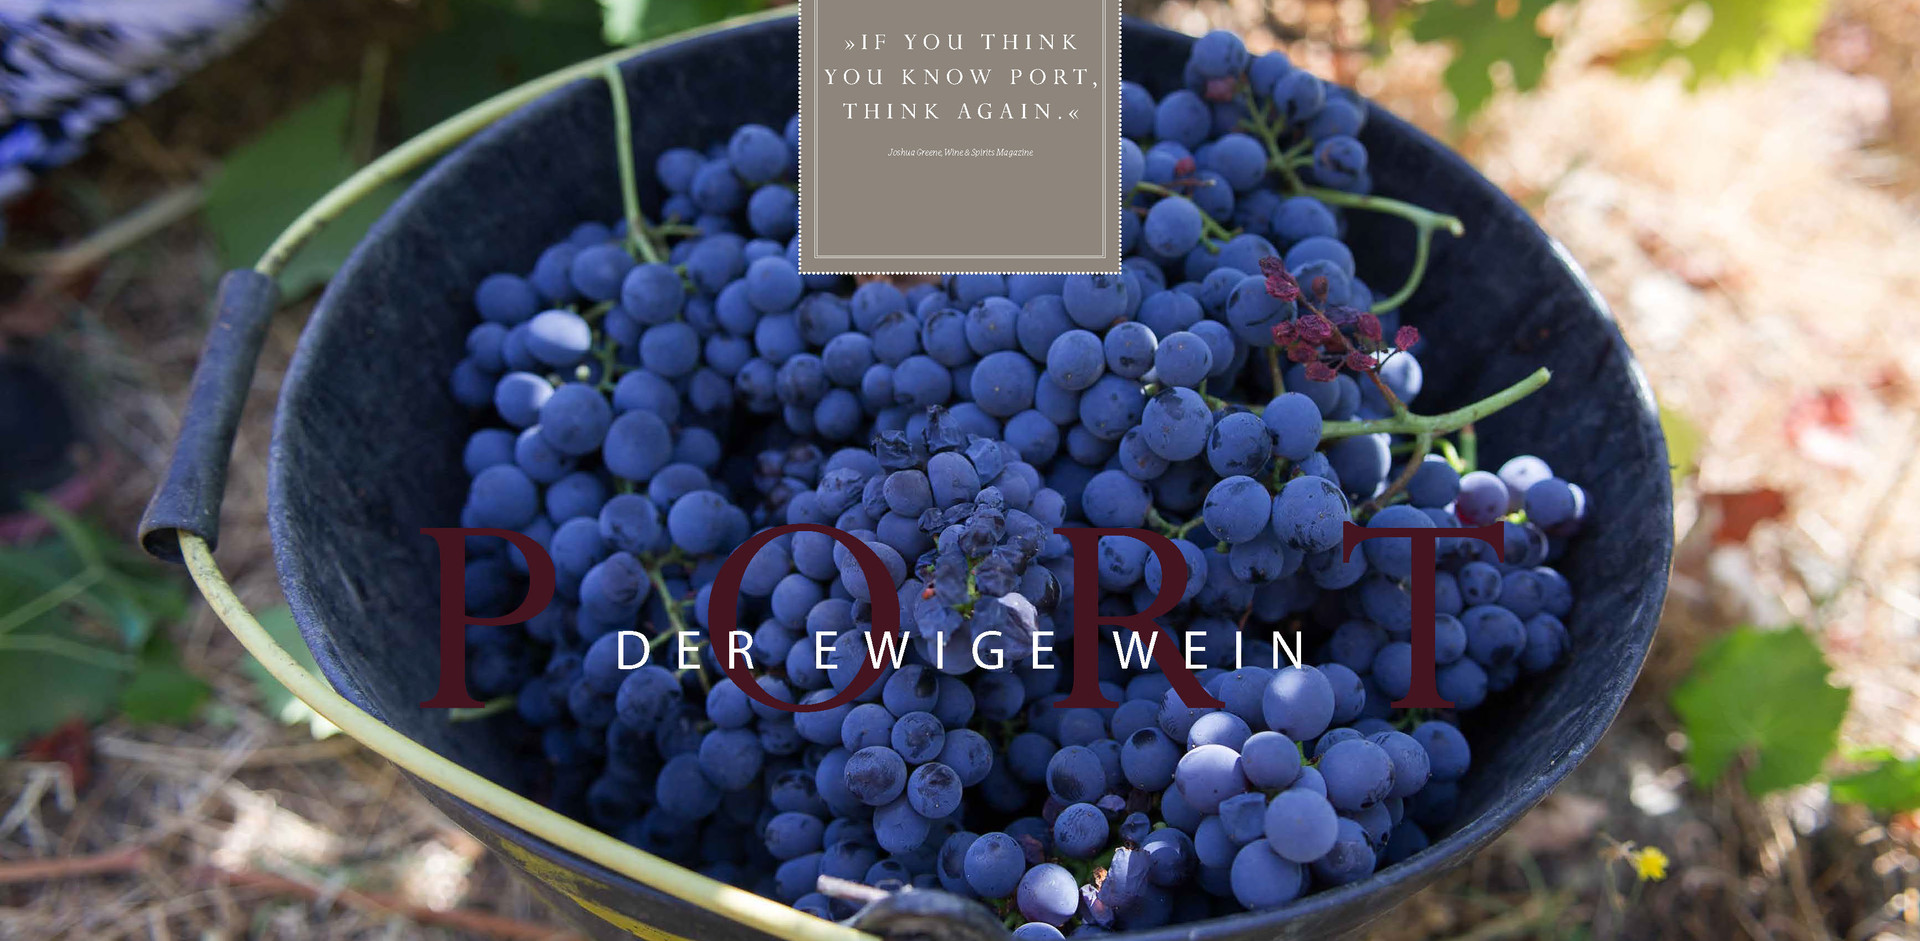 Port – Der ewige Wein